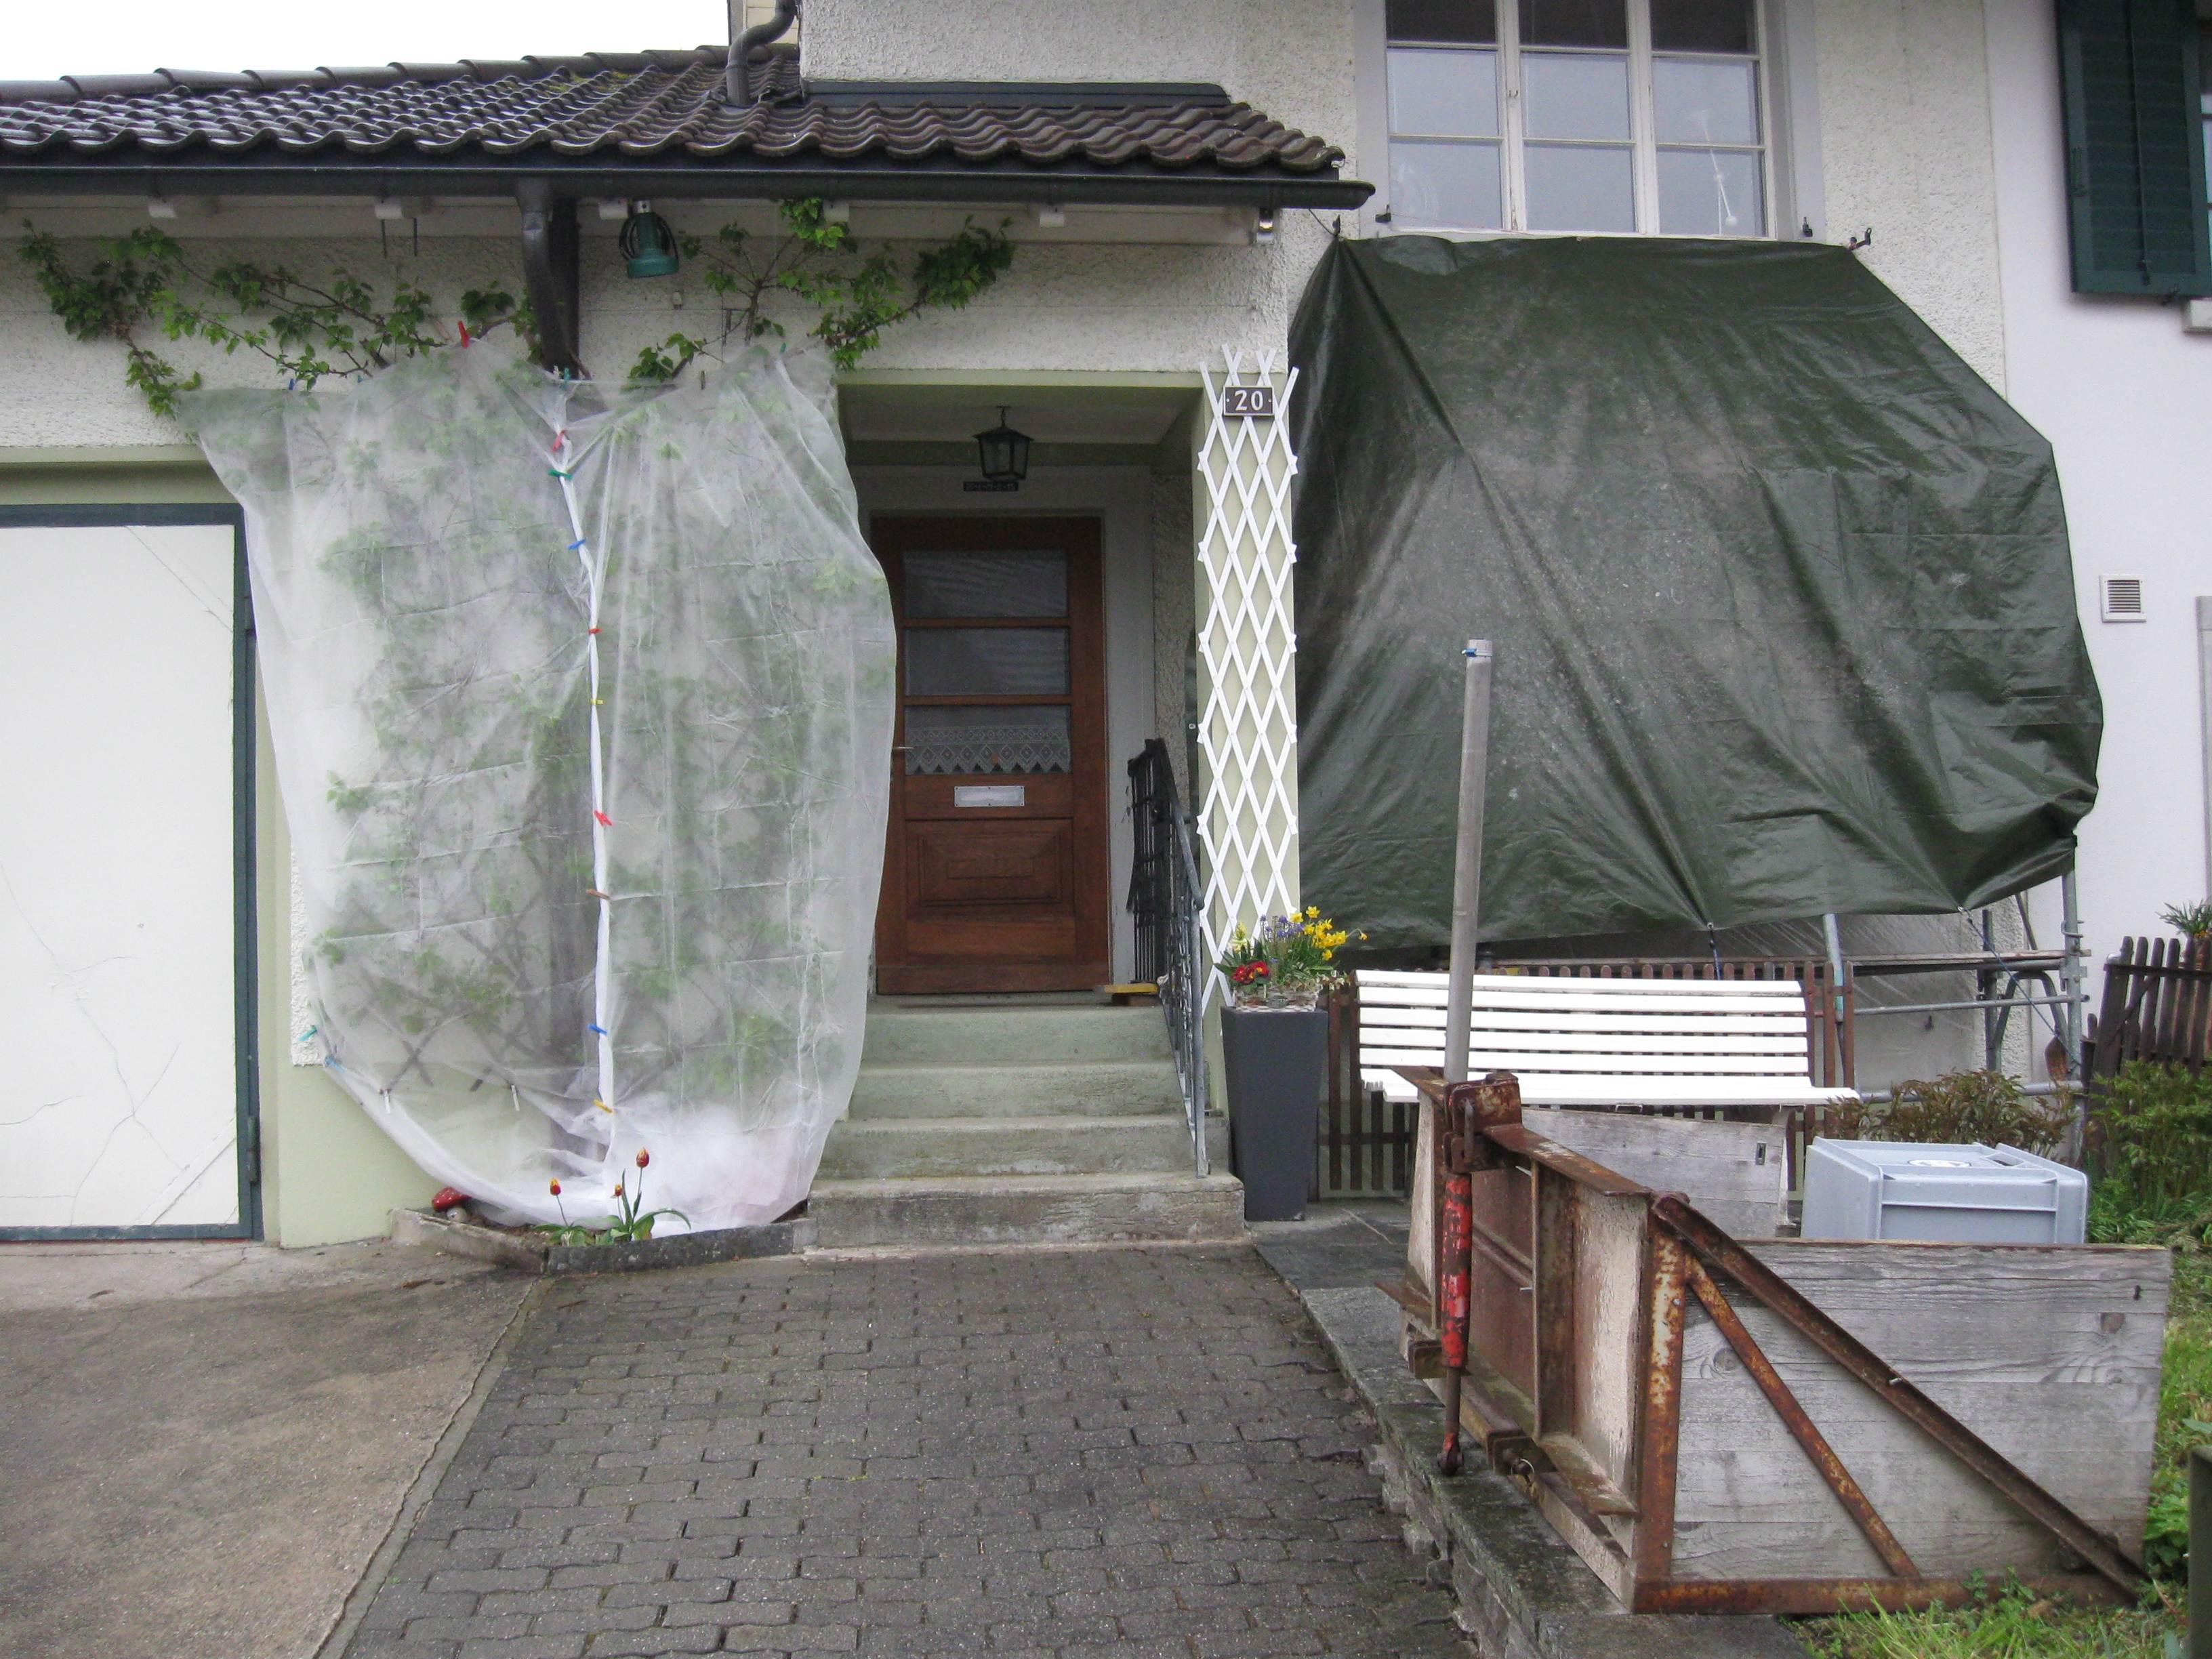 Vor dem Haus wir noch an den Fensterbrüstungen geschliffen und gemalt (hinter grüner Plane)